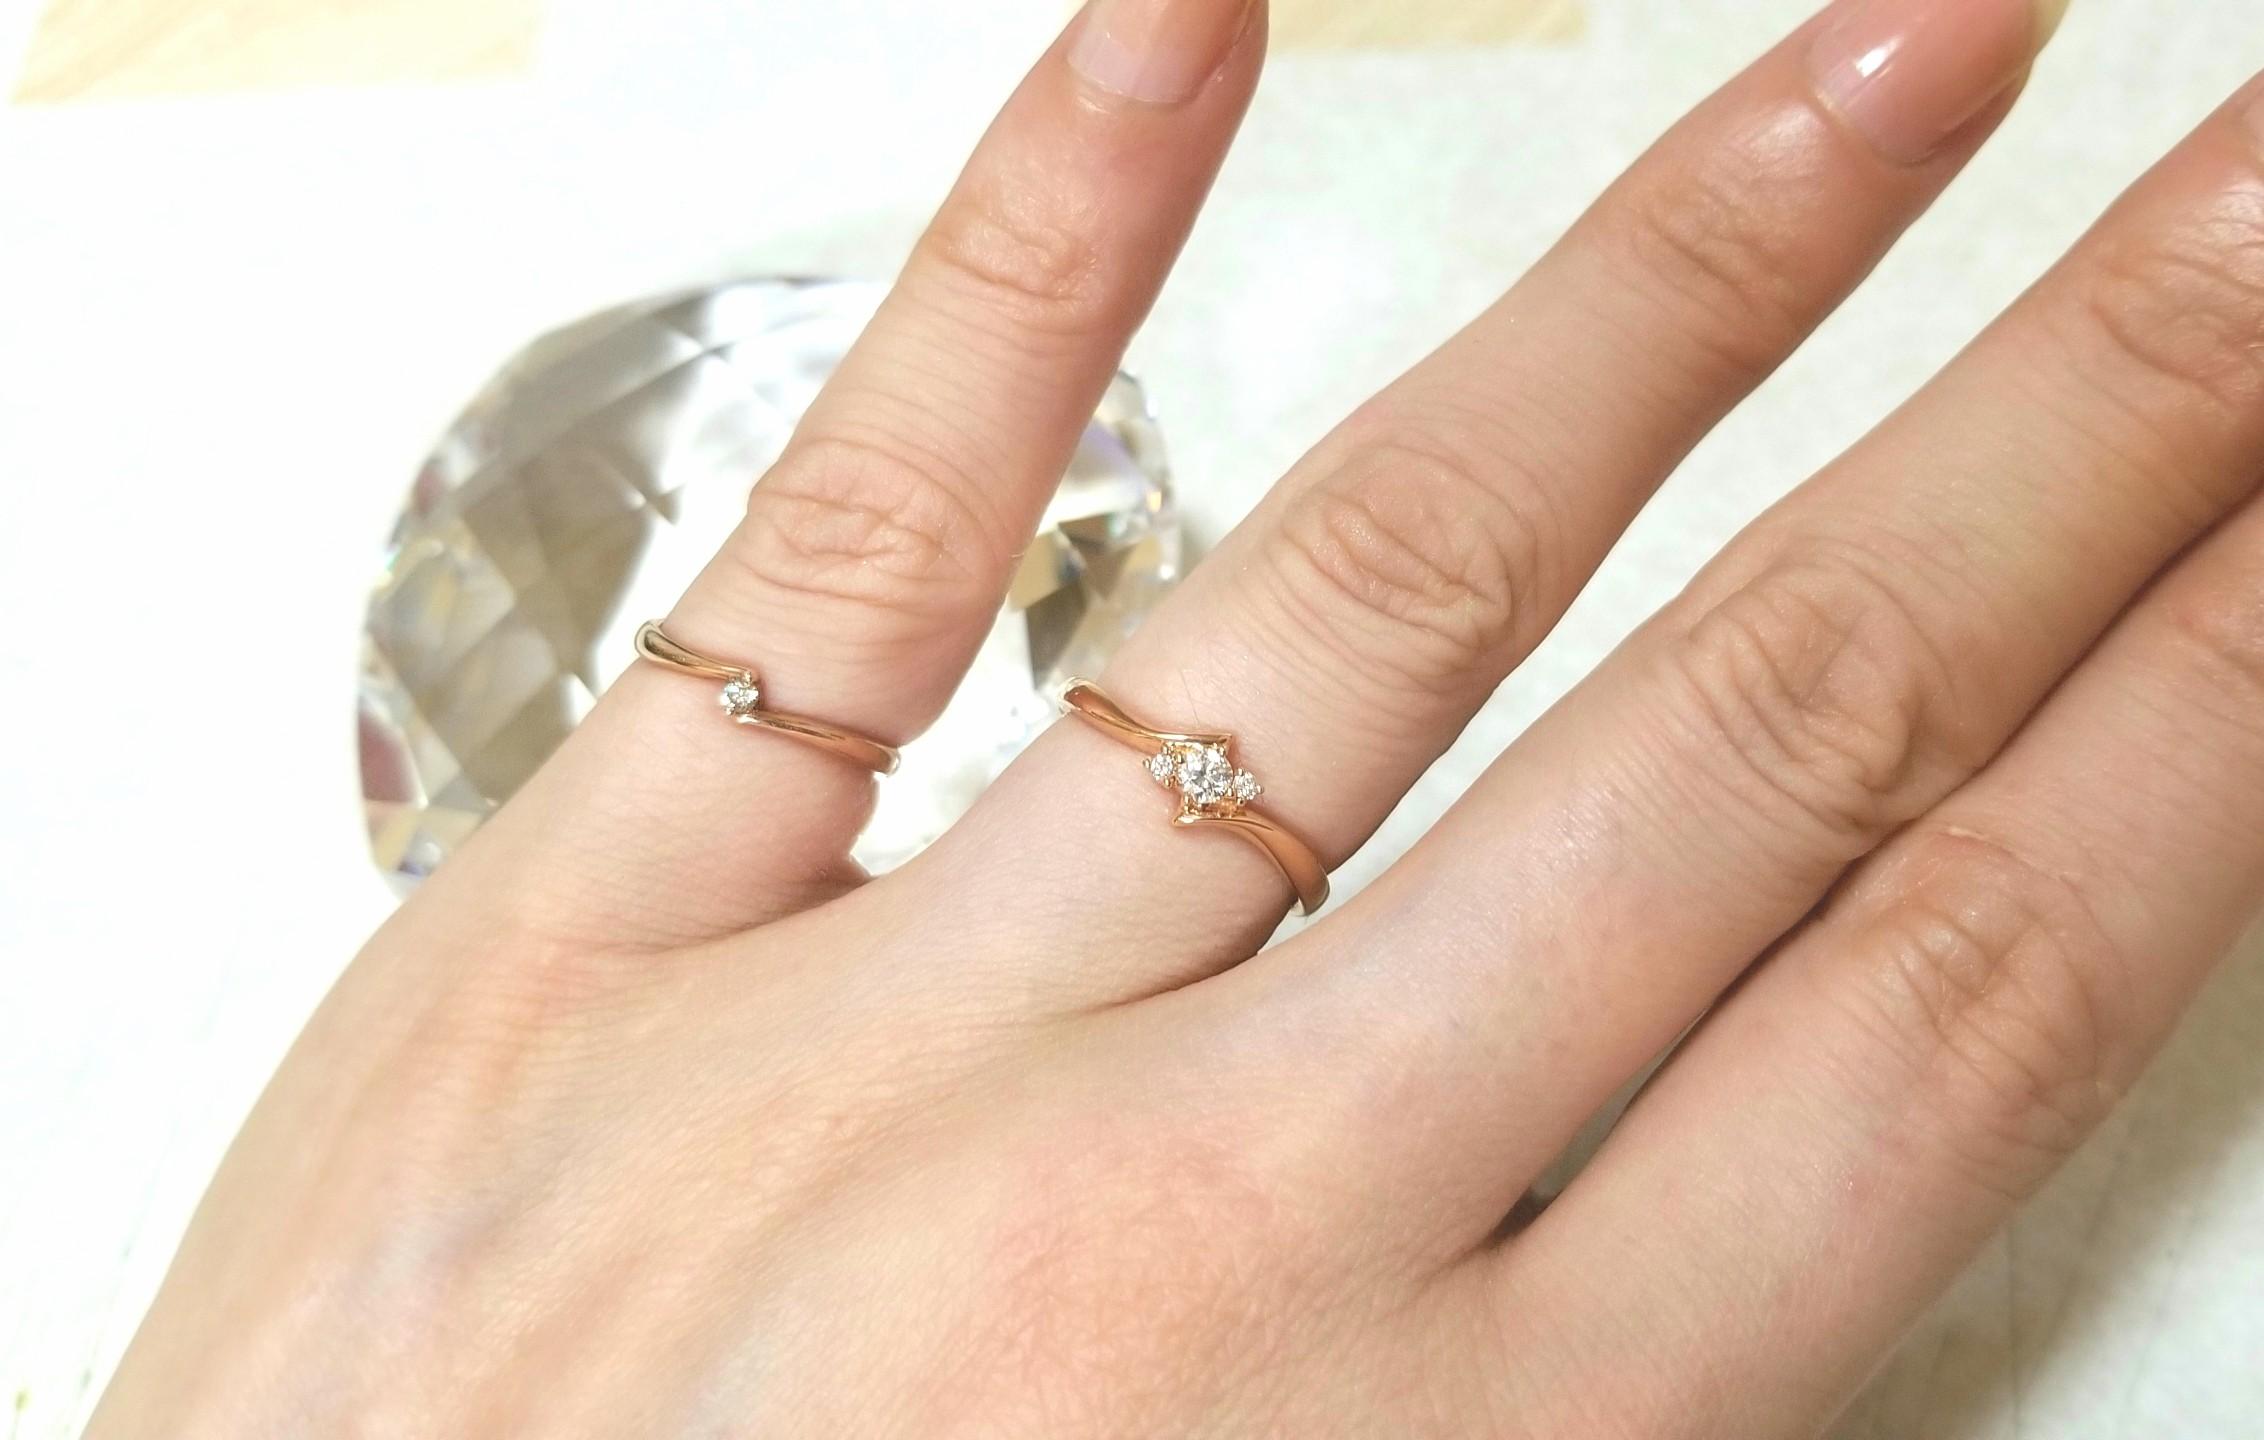 らぶらぶ彼氏と,仲良しカップル,ダイヤの指輪,共通の好きなもの